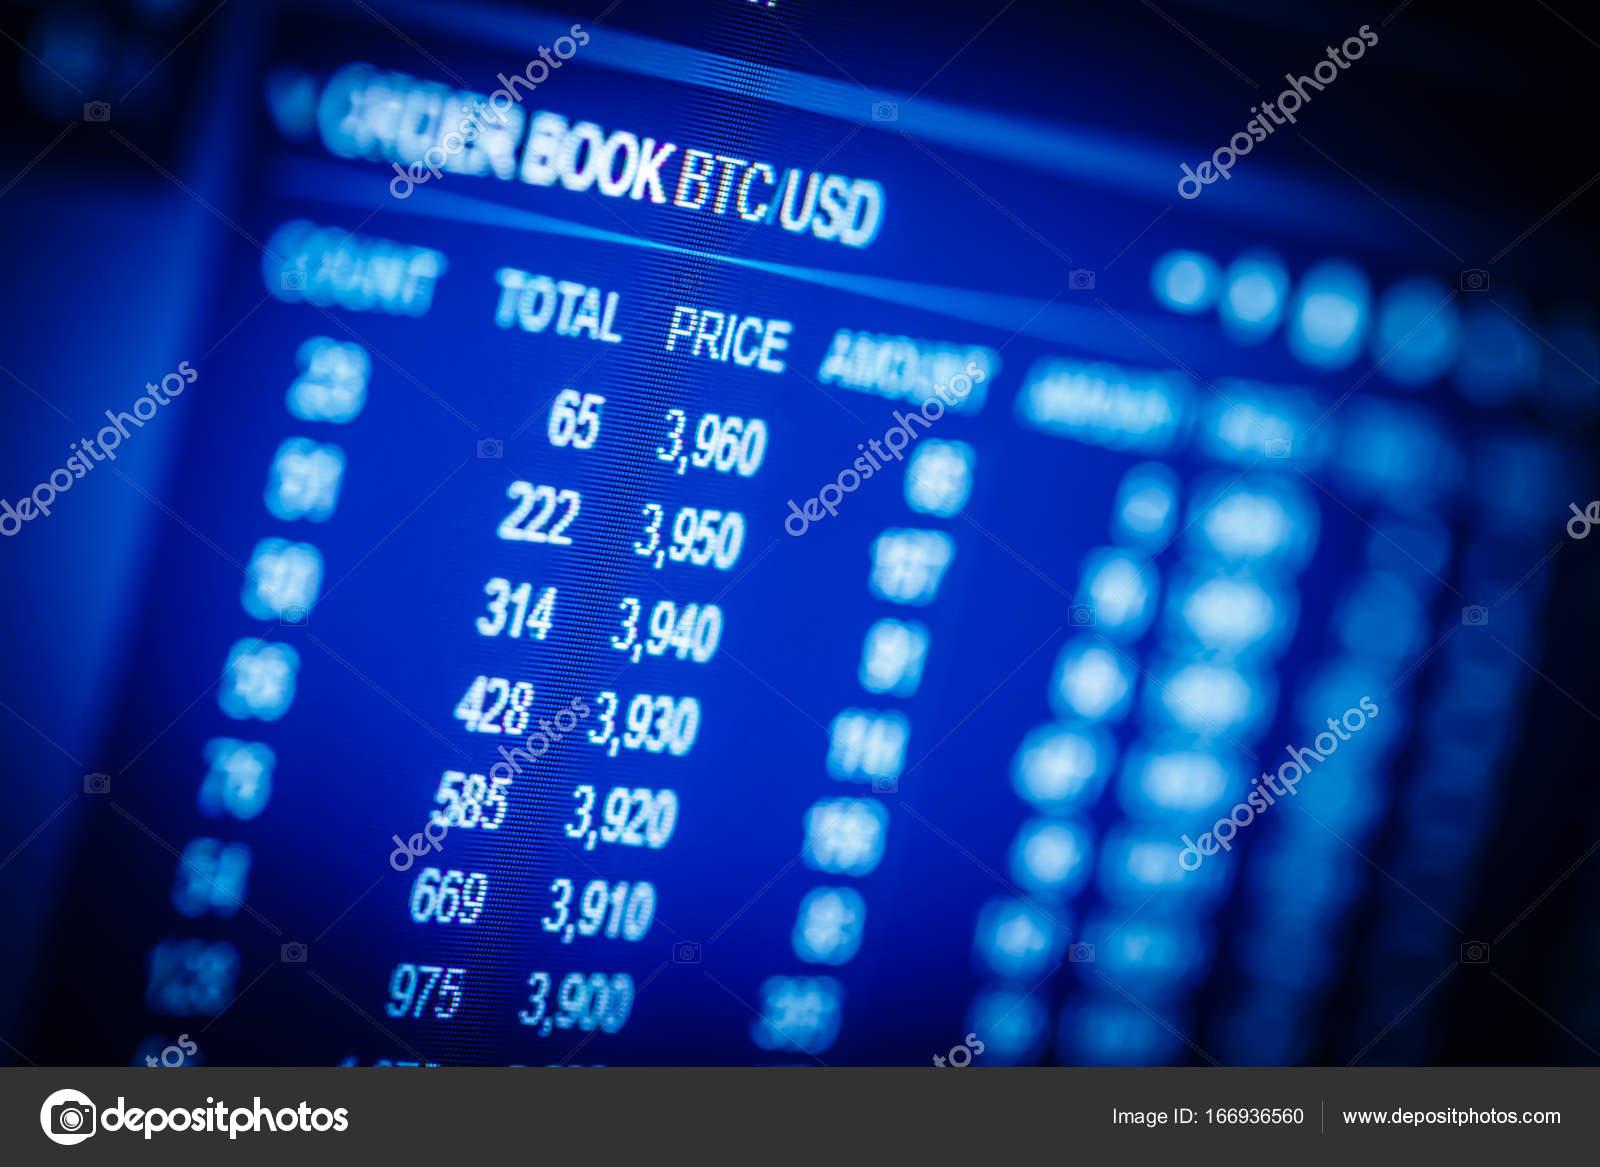 4a954b8281 Dati di exchange analisi mercato azionario: i grafici e le quotazioni sul  display. Analitica coppia Btc-Usd (Bitcoin / dollaro USA), il più popolare  bitcoin ...